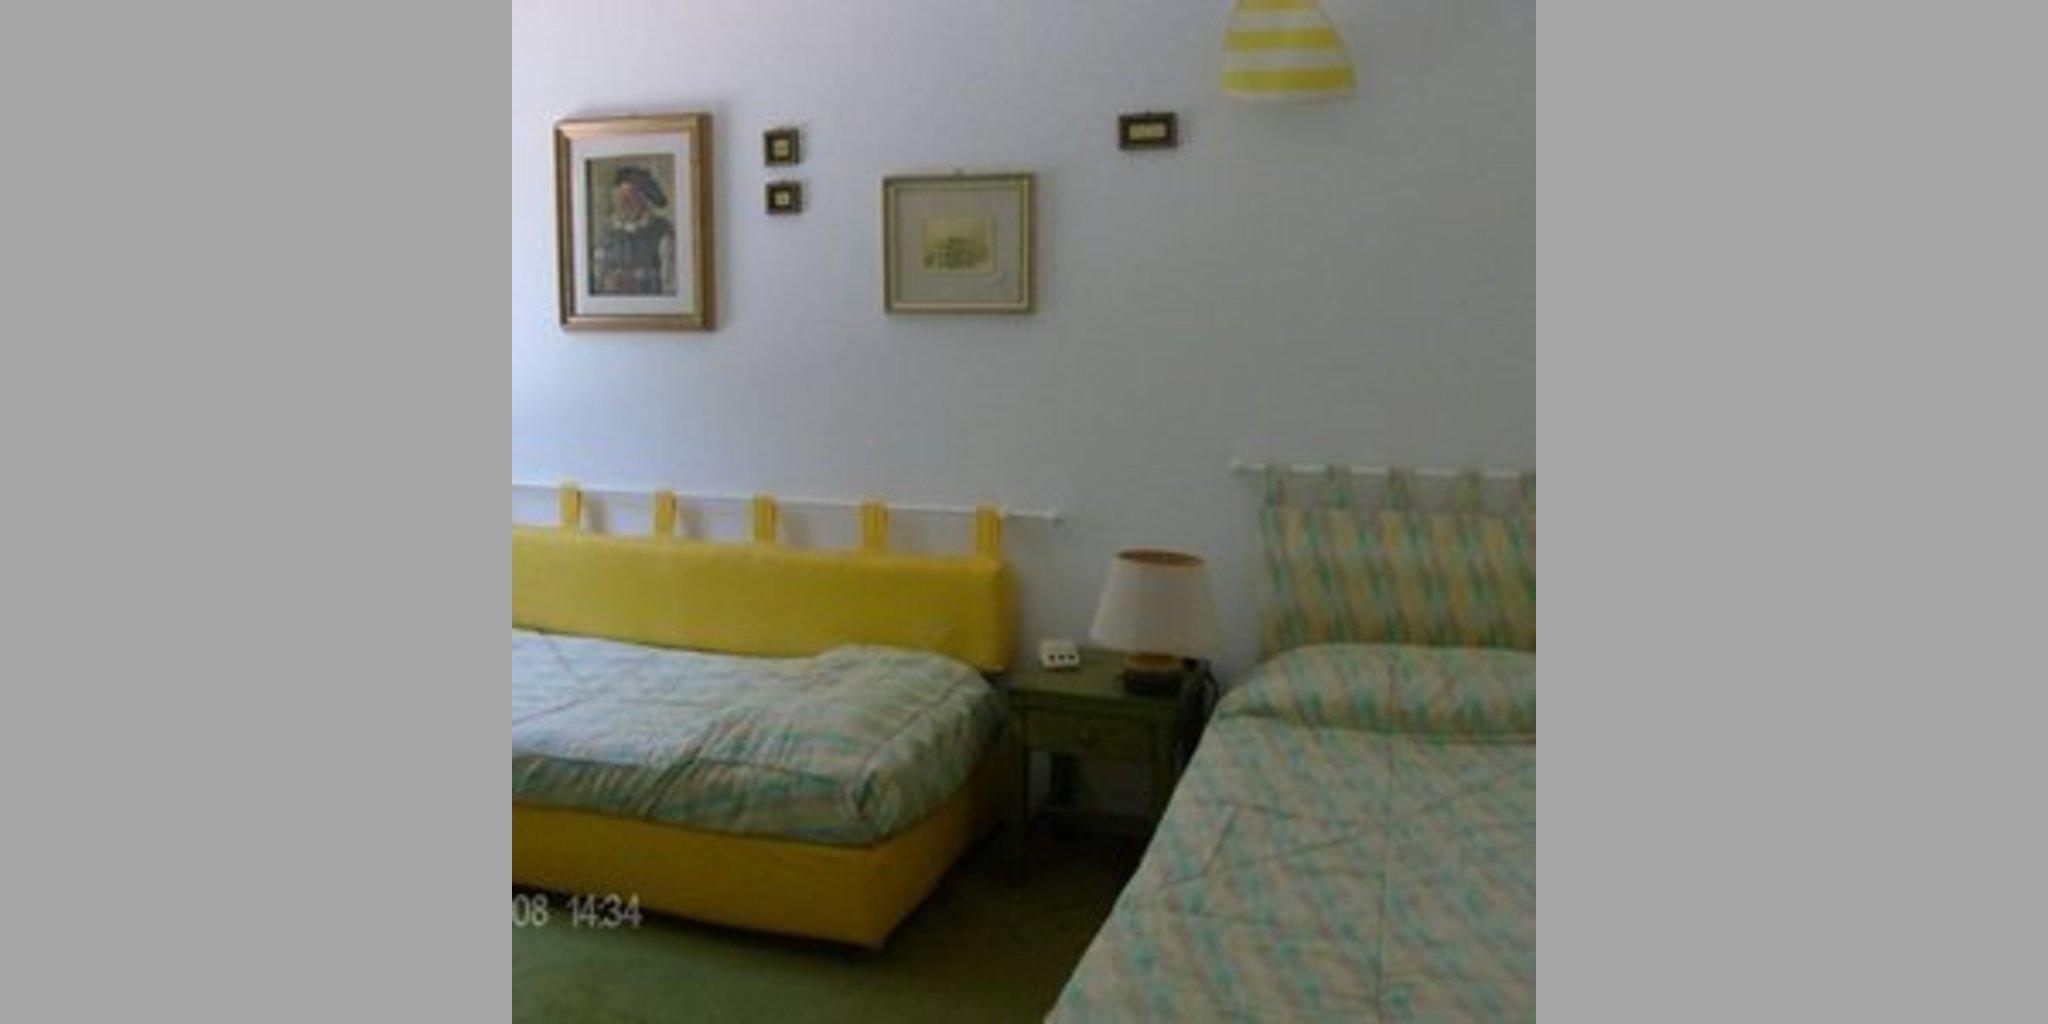 Bed & Breakfast Santa Teresa Gallura - Santa Teresa Di Gallura_A